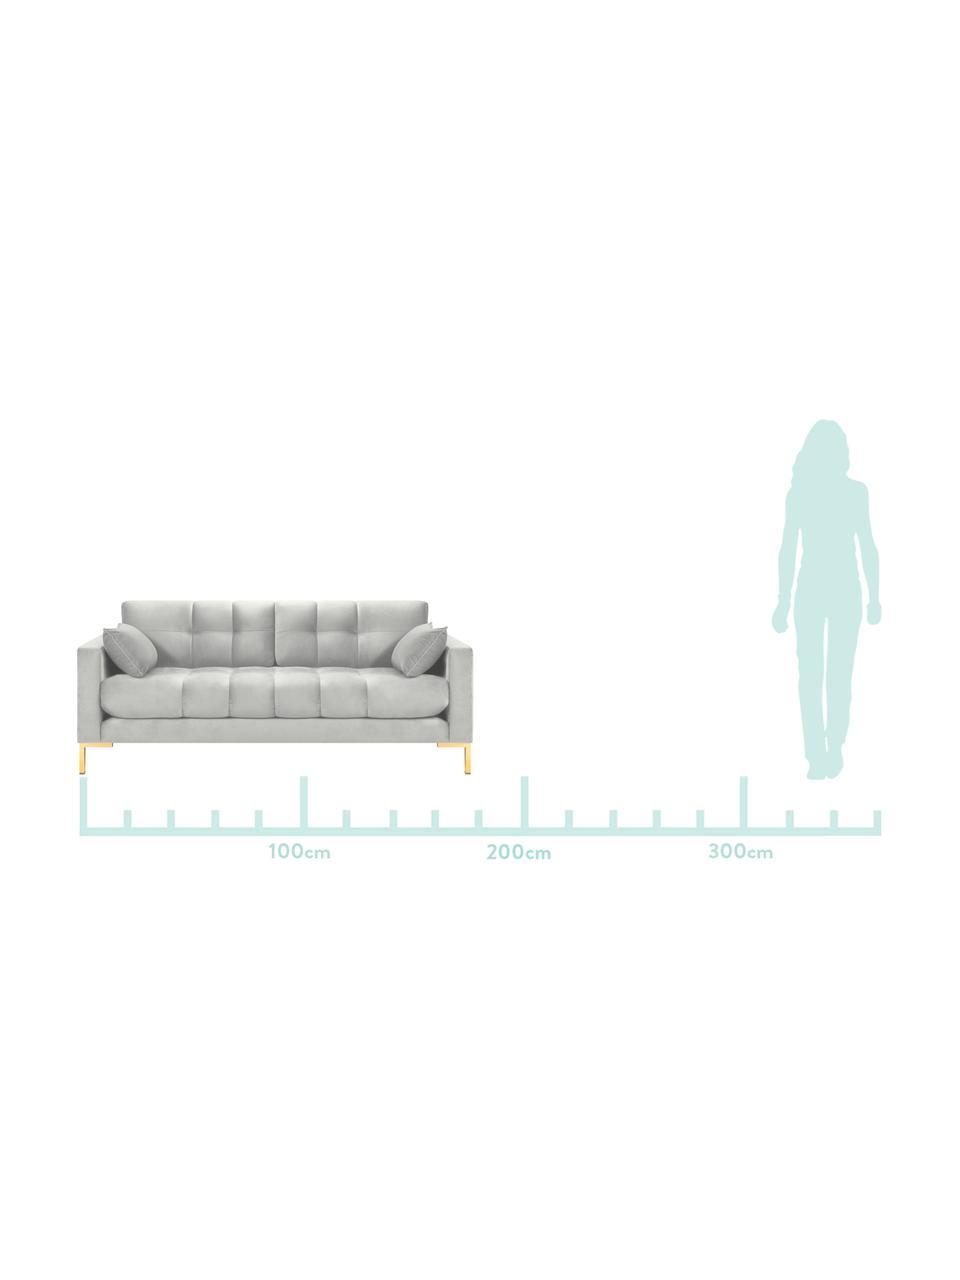 Sofa z aksamitu Mamaia (2-osobowa), Tapicerka: aksamit poliestrowy Dzięk, Stelaż: lite drewno sosnowe, skle, Nogi: metal lakierowany, Odcienie srebrnego, S 177 x G 92 cm